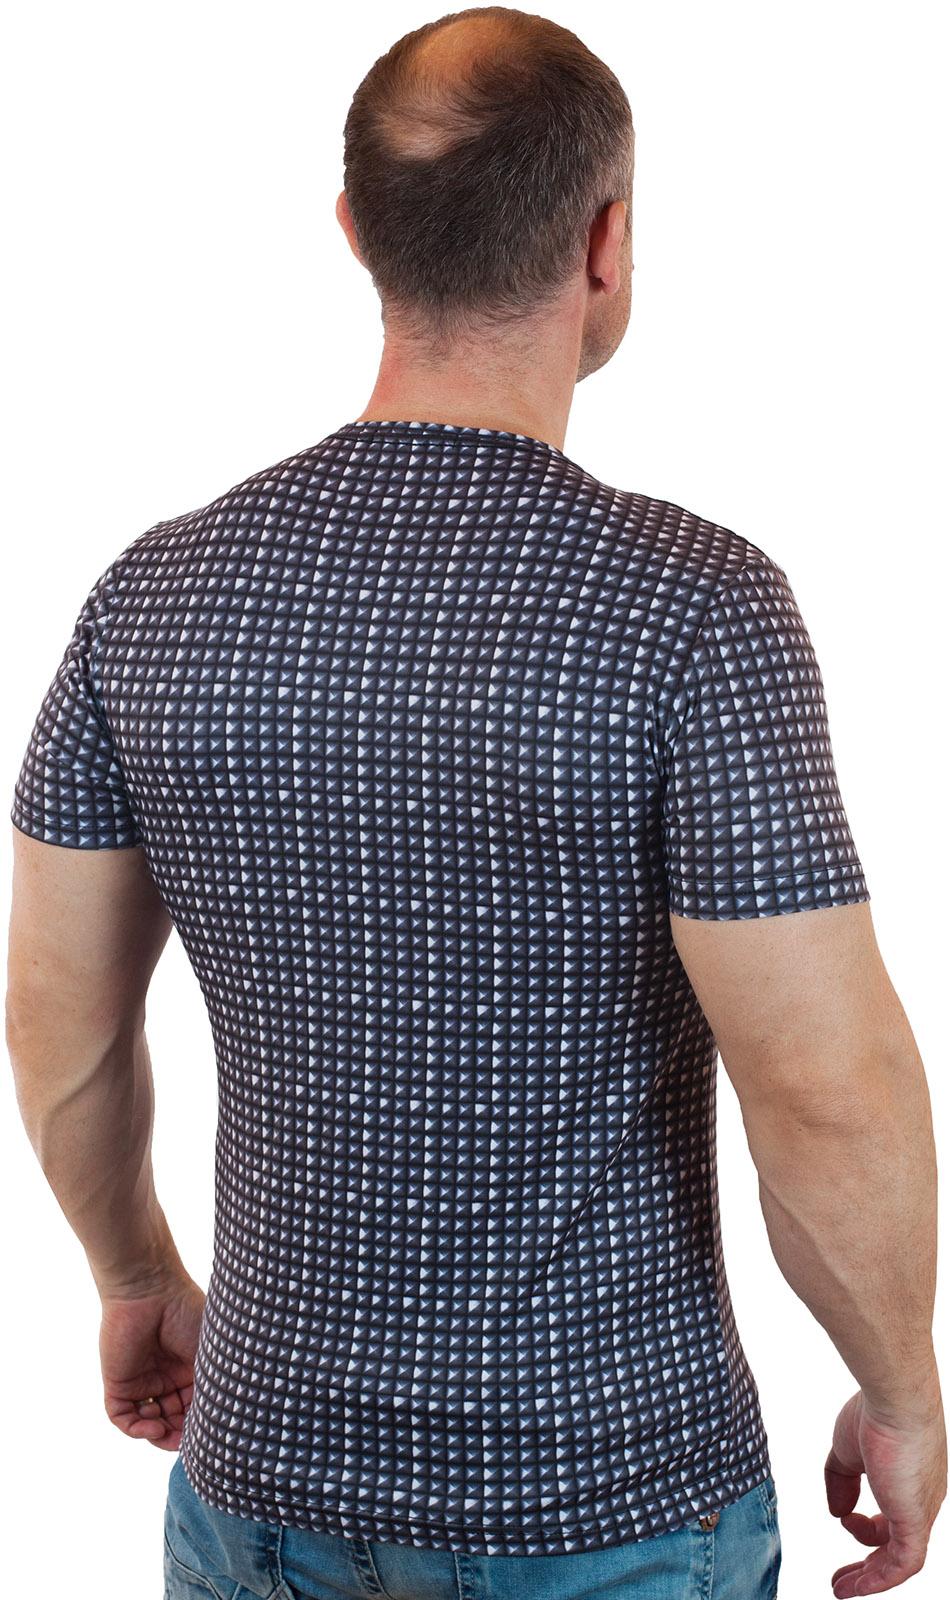 Топовая футболка Splash® для самодостаточных мужчин с доставкой